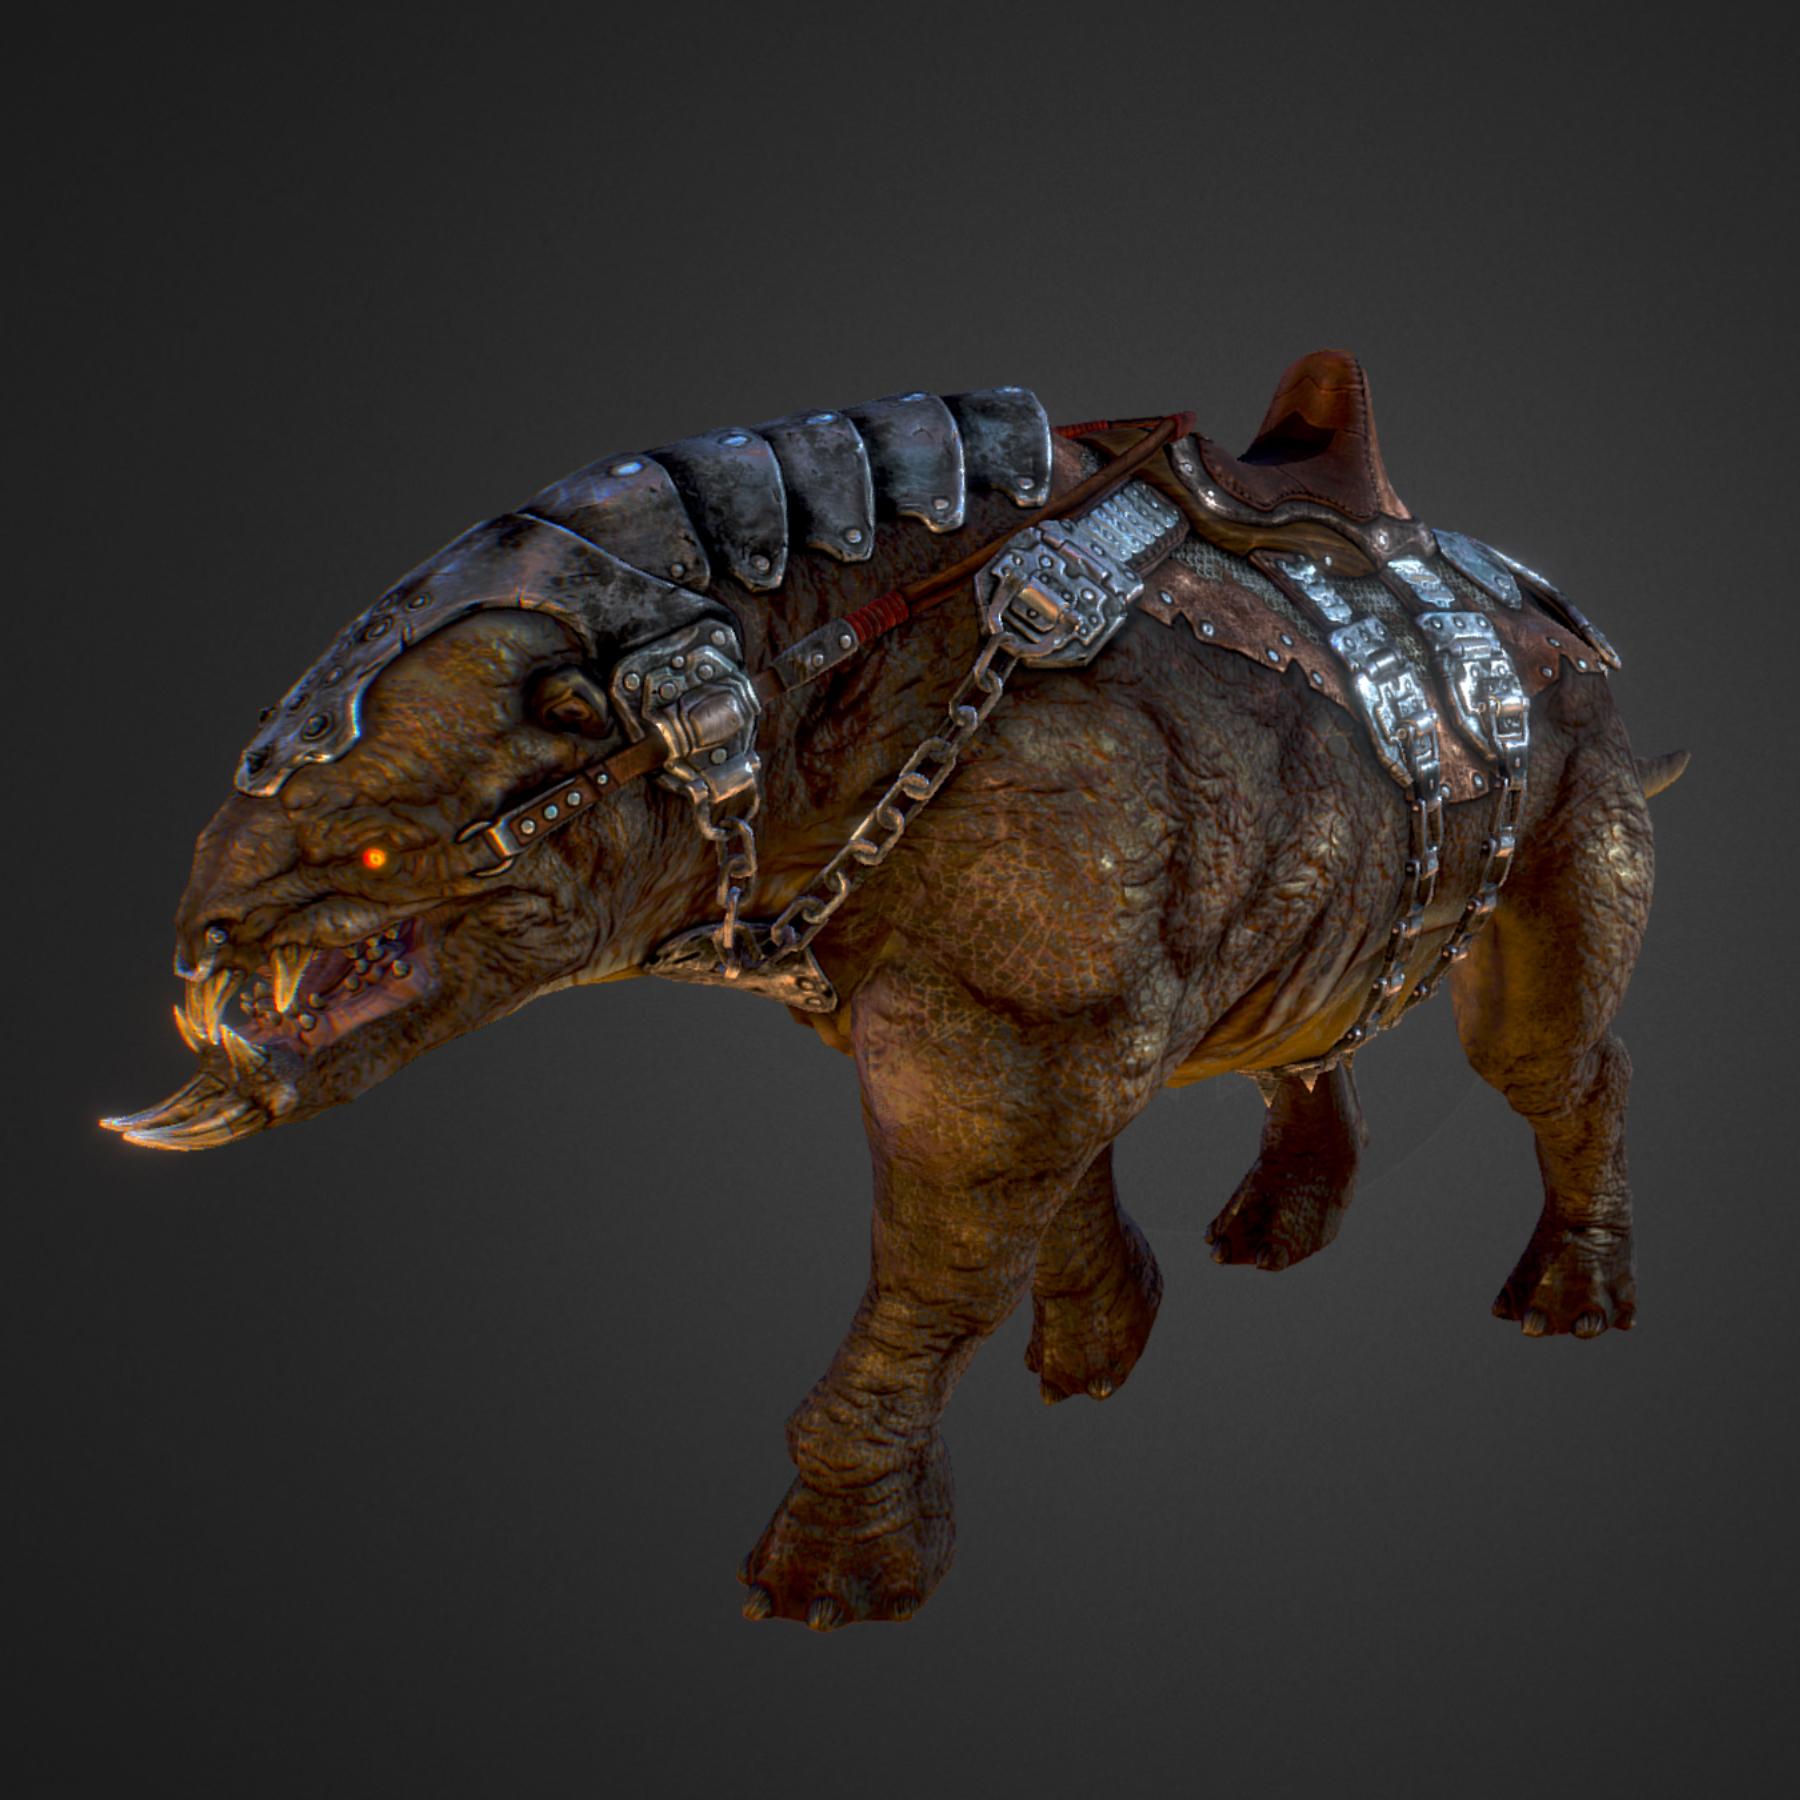 creature mount mastodont 3d model max  fbx ma mb obj 272415